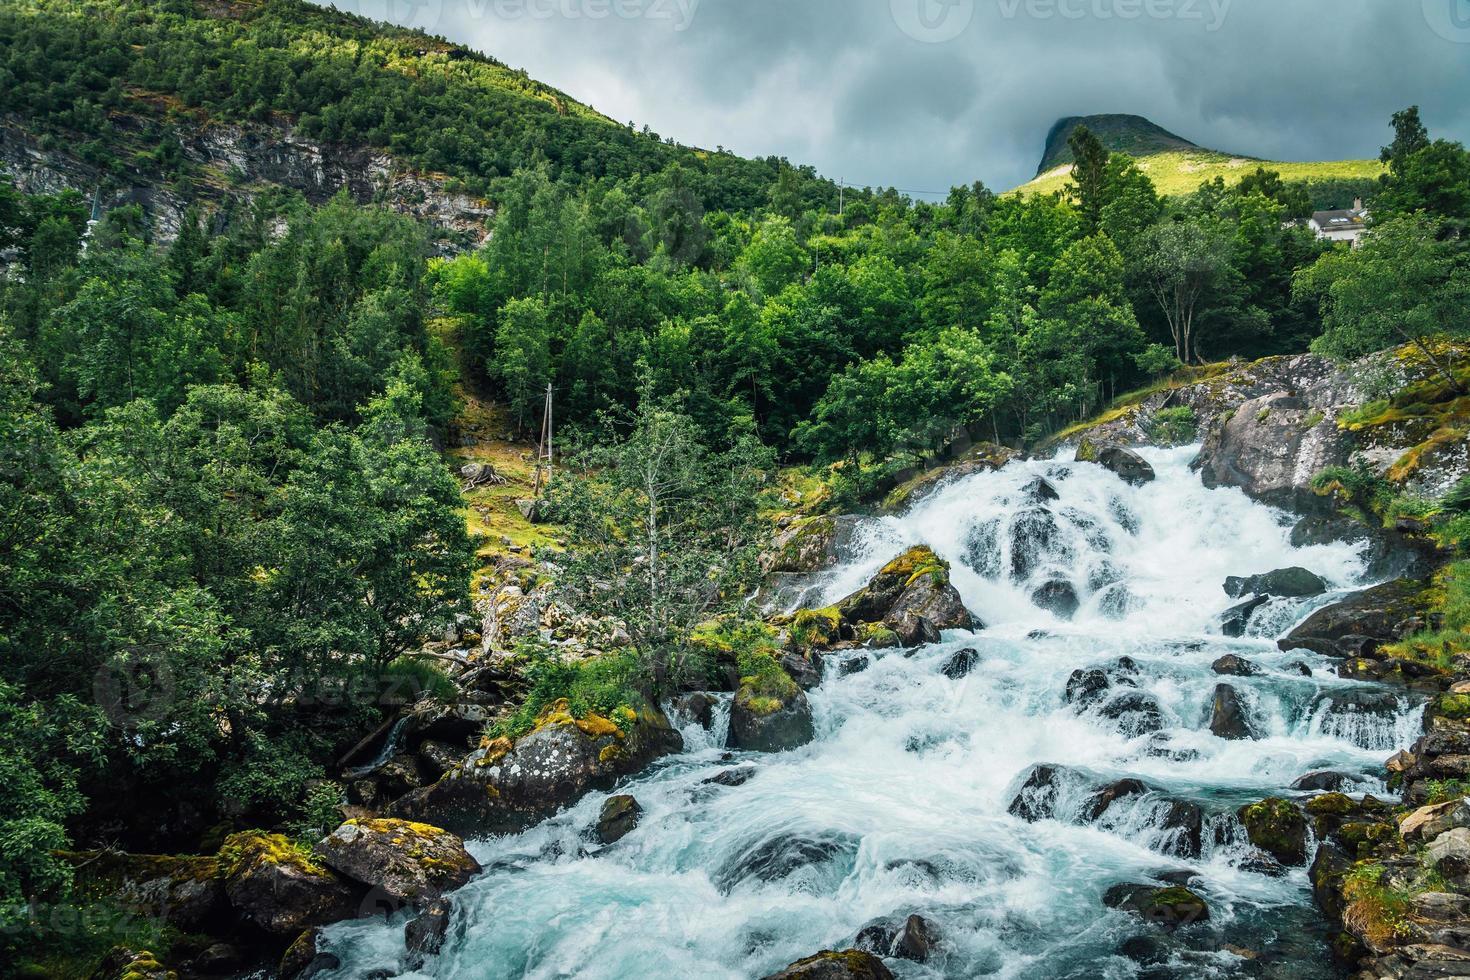 water dat van een berghelling in Geiranger in Noorwegen stroomt foto